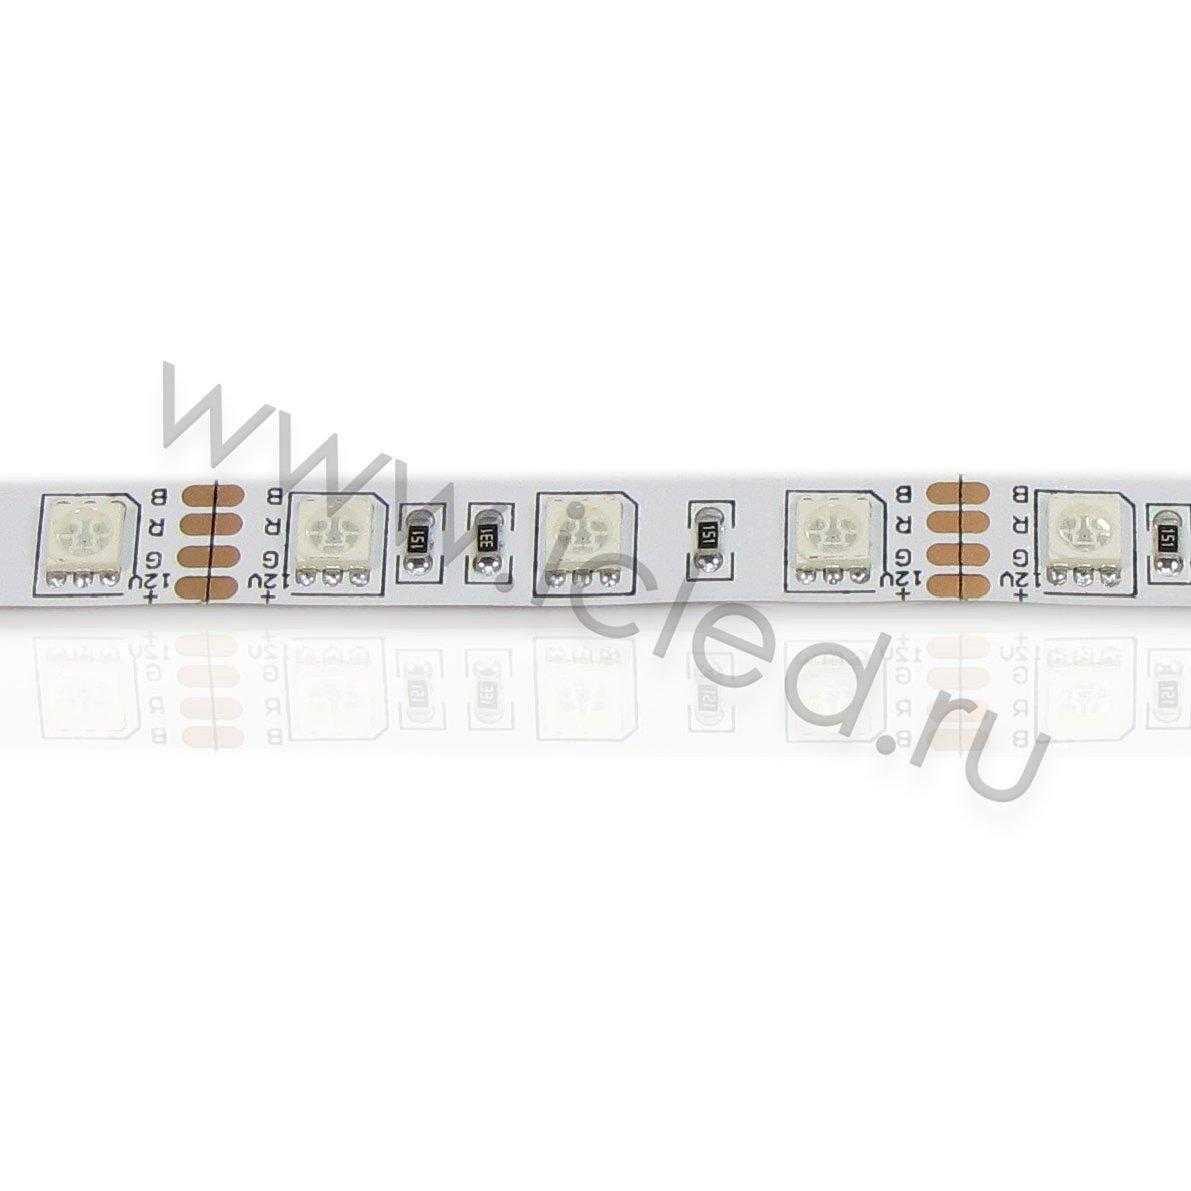 Светодиодная лента Econom class, 5050, 60led/m, RGB, 12V, IP33